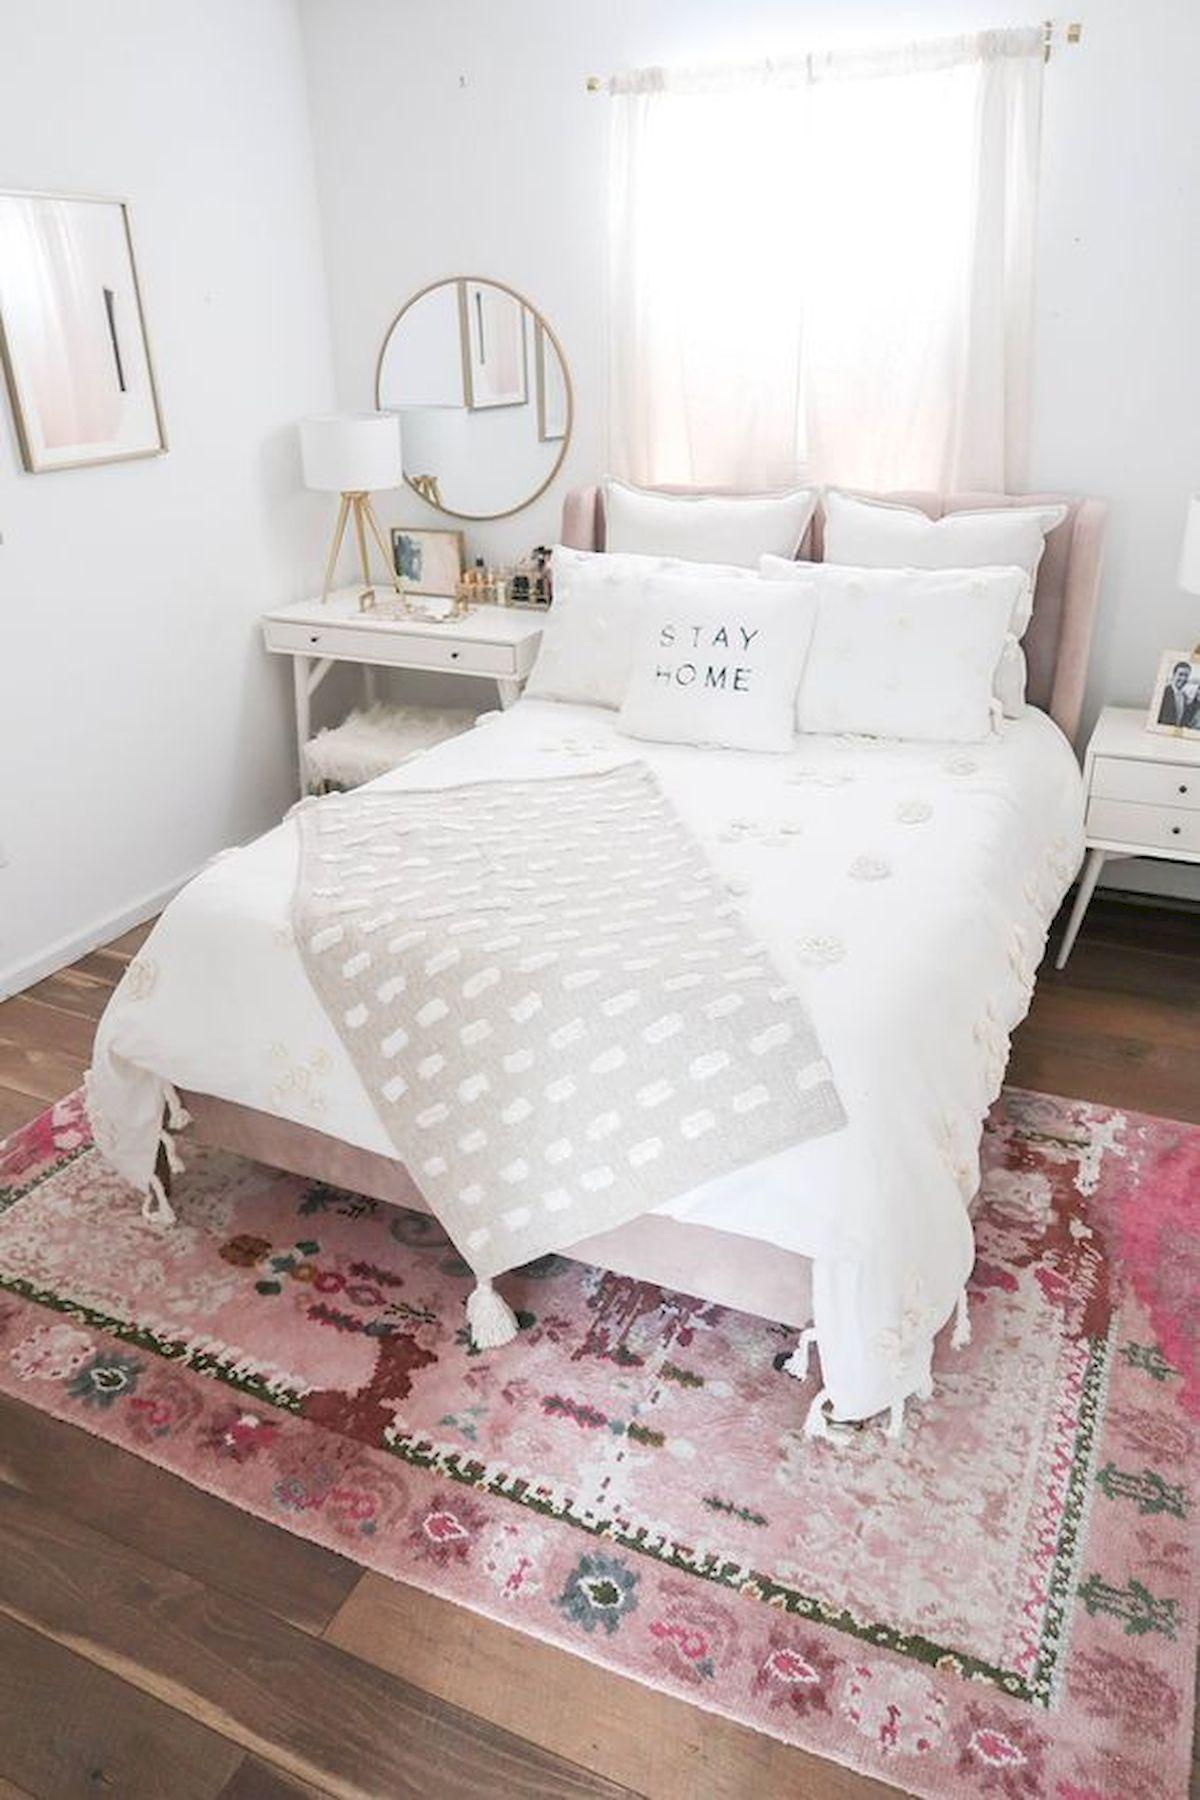 Cách bố trí và chọn nội thất phù hợp cho những cô nàng yêu thích sự đơn giản